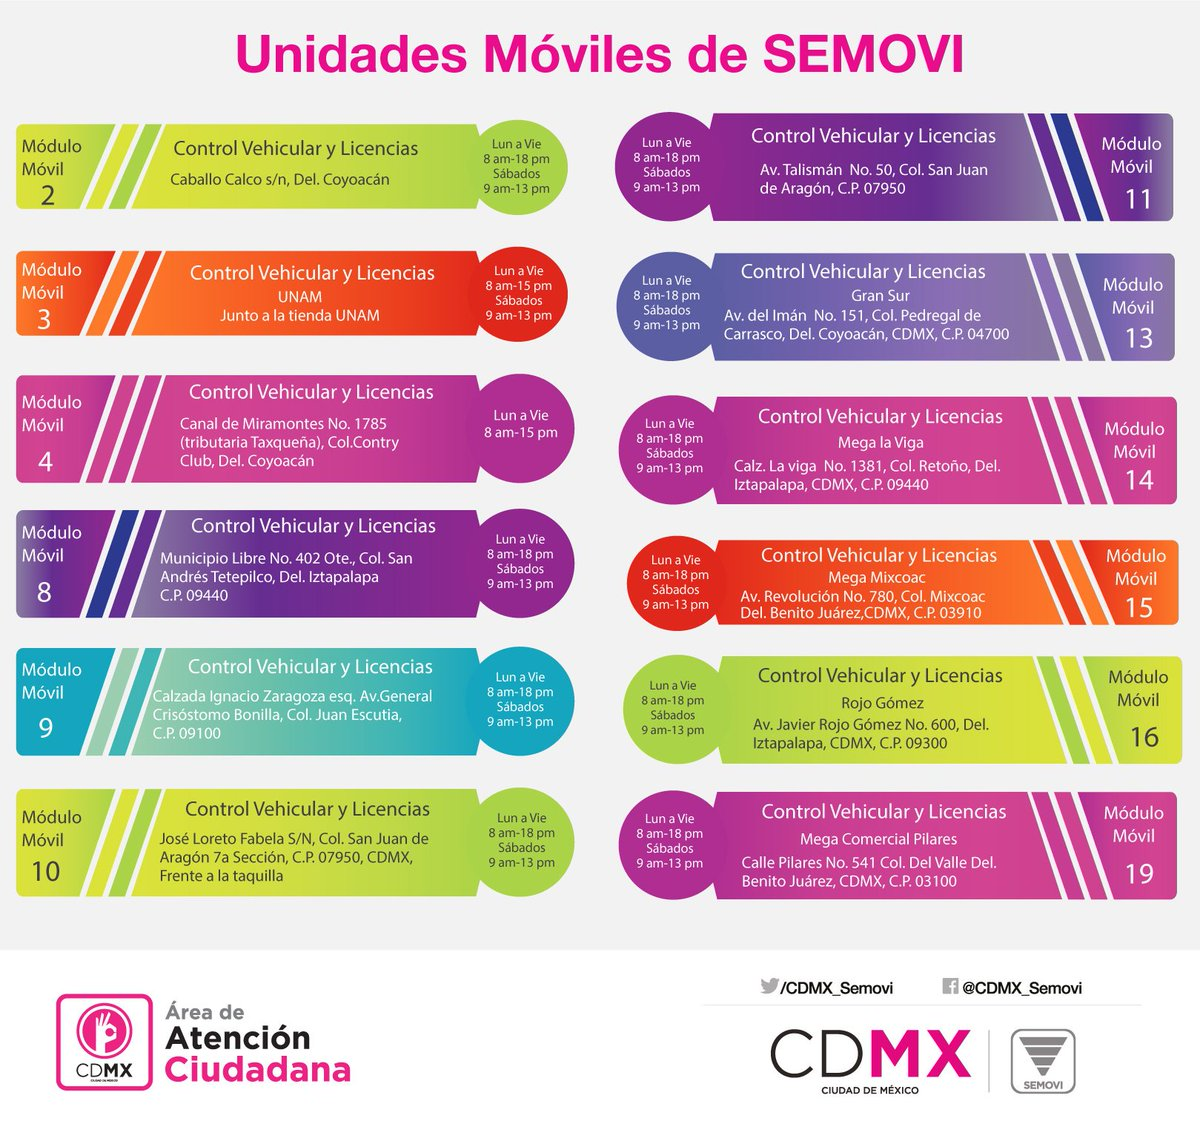 Secretaría De Movilidad Cdmx On Twitter Le Compartimos La